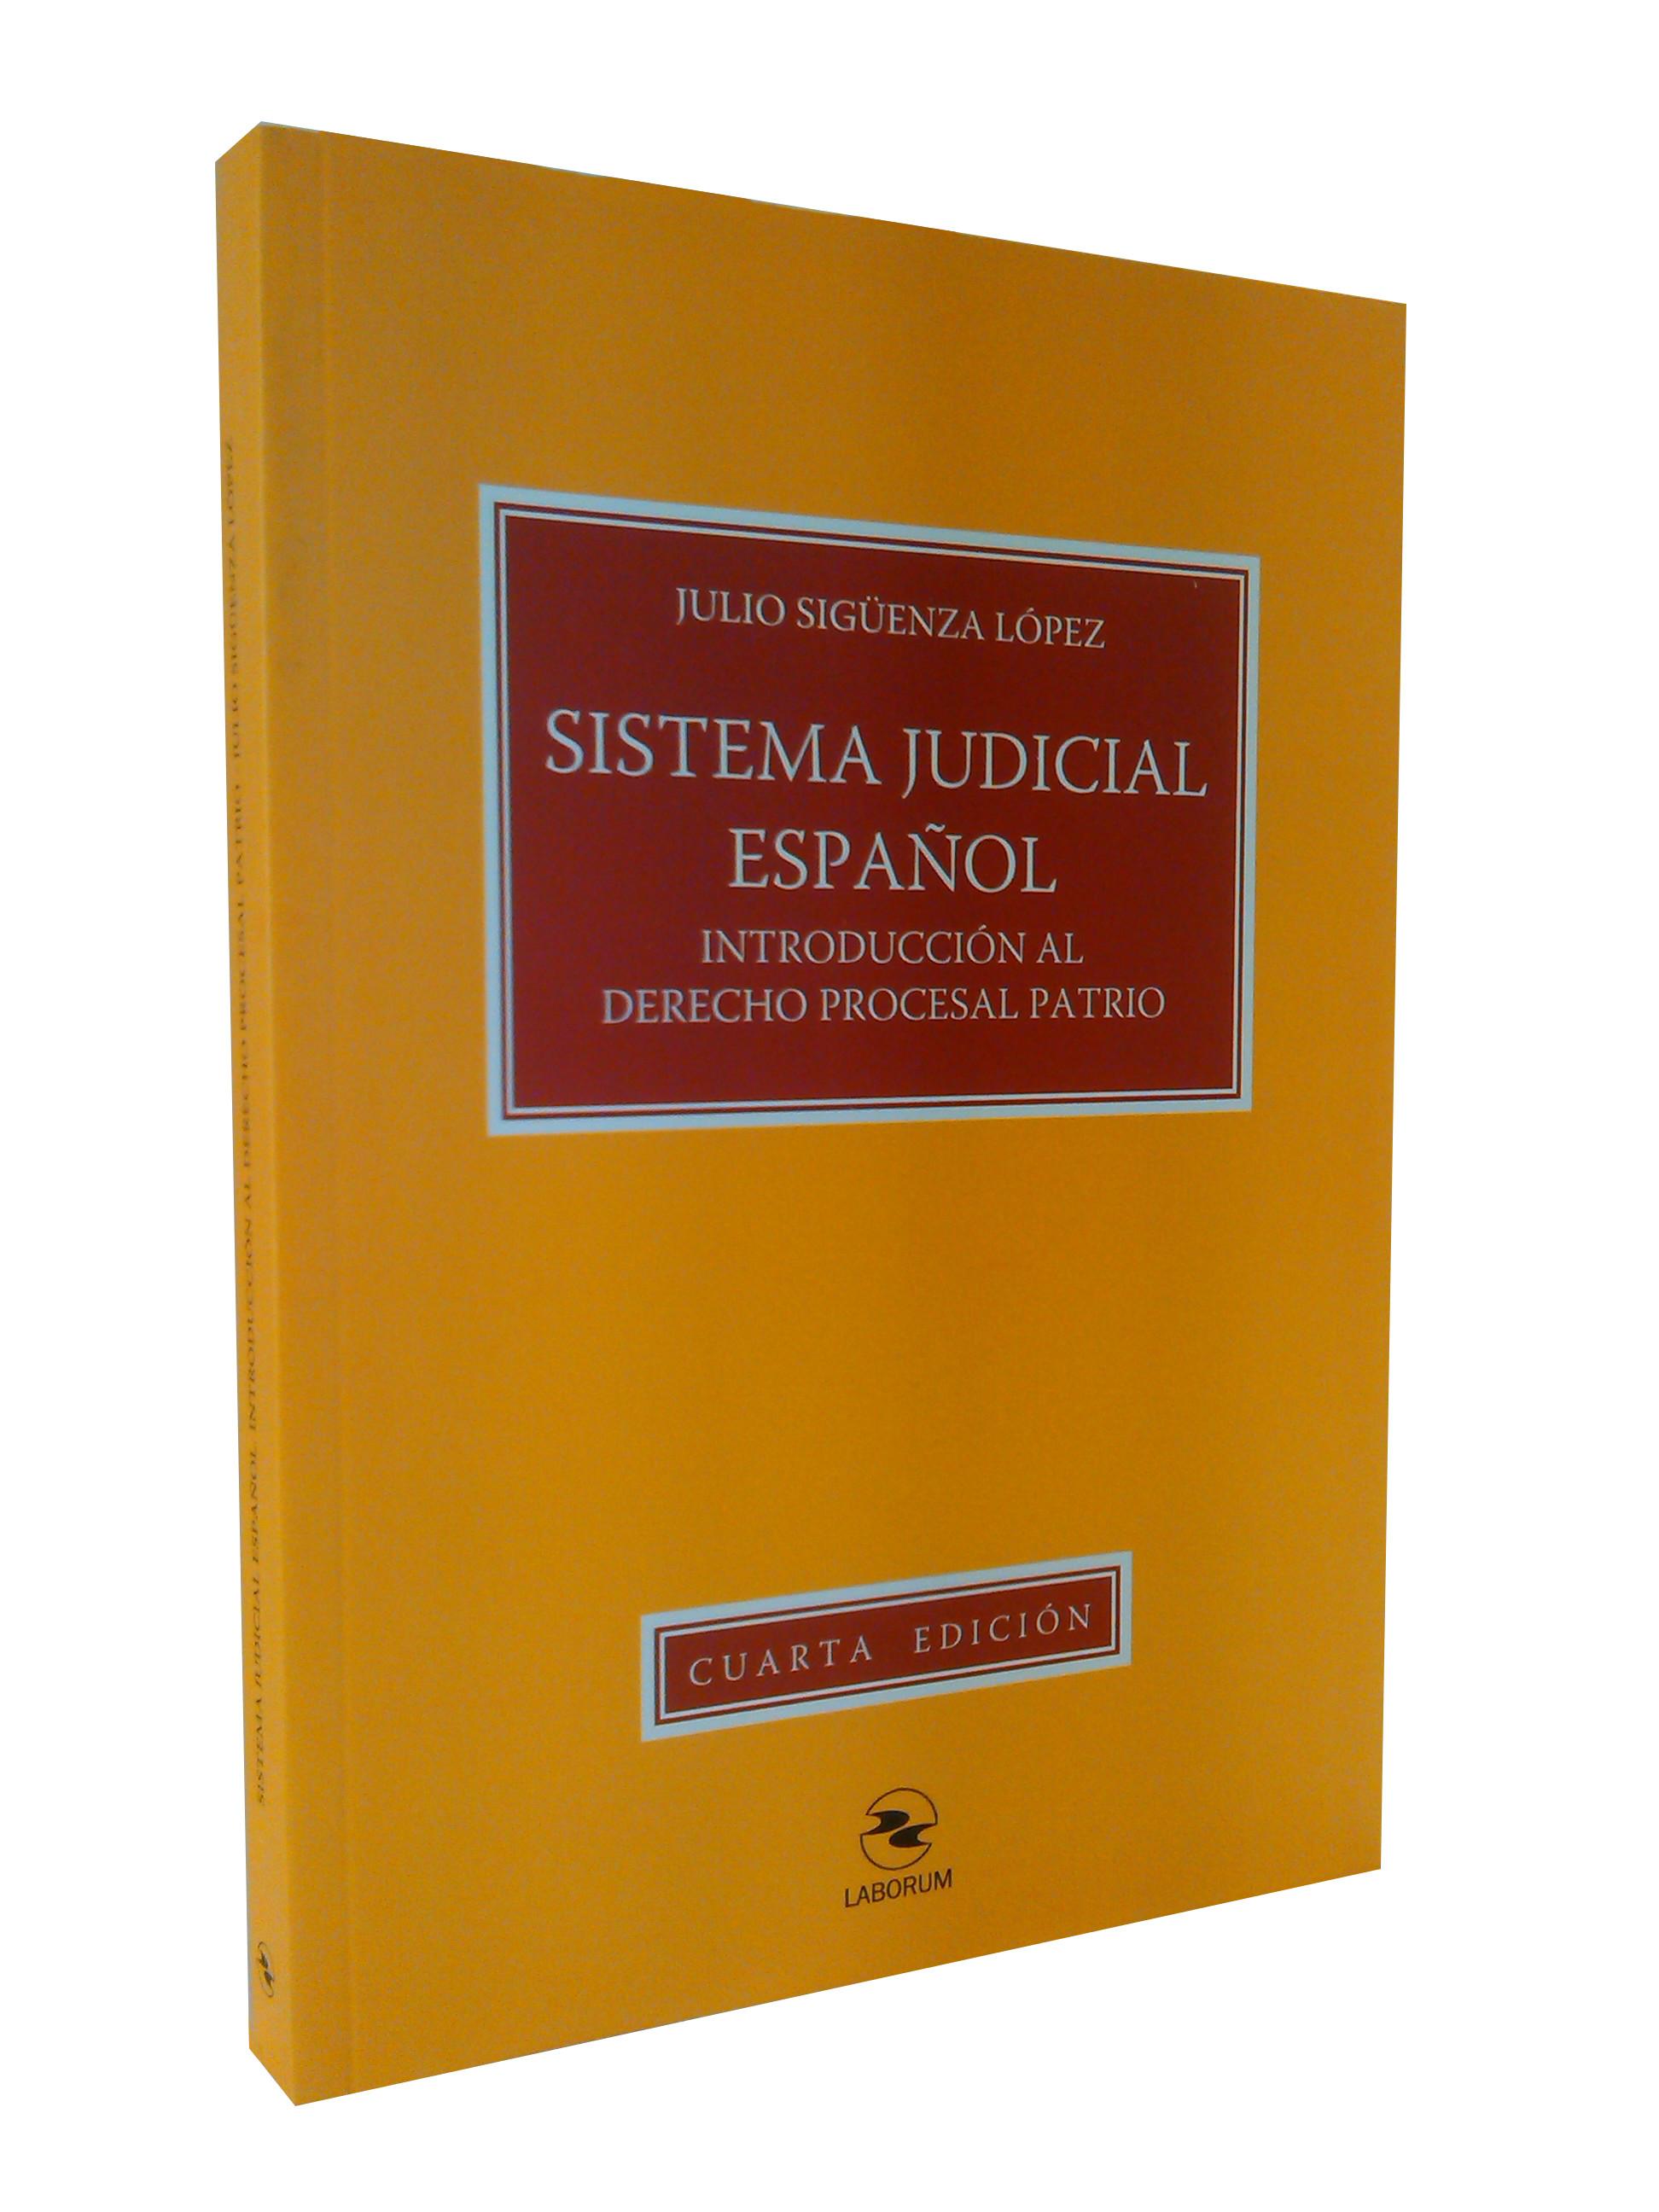 Sistema Judicial Español – Introducción al Derecho Procesal Patrio (4ª Edición)